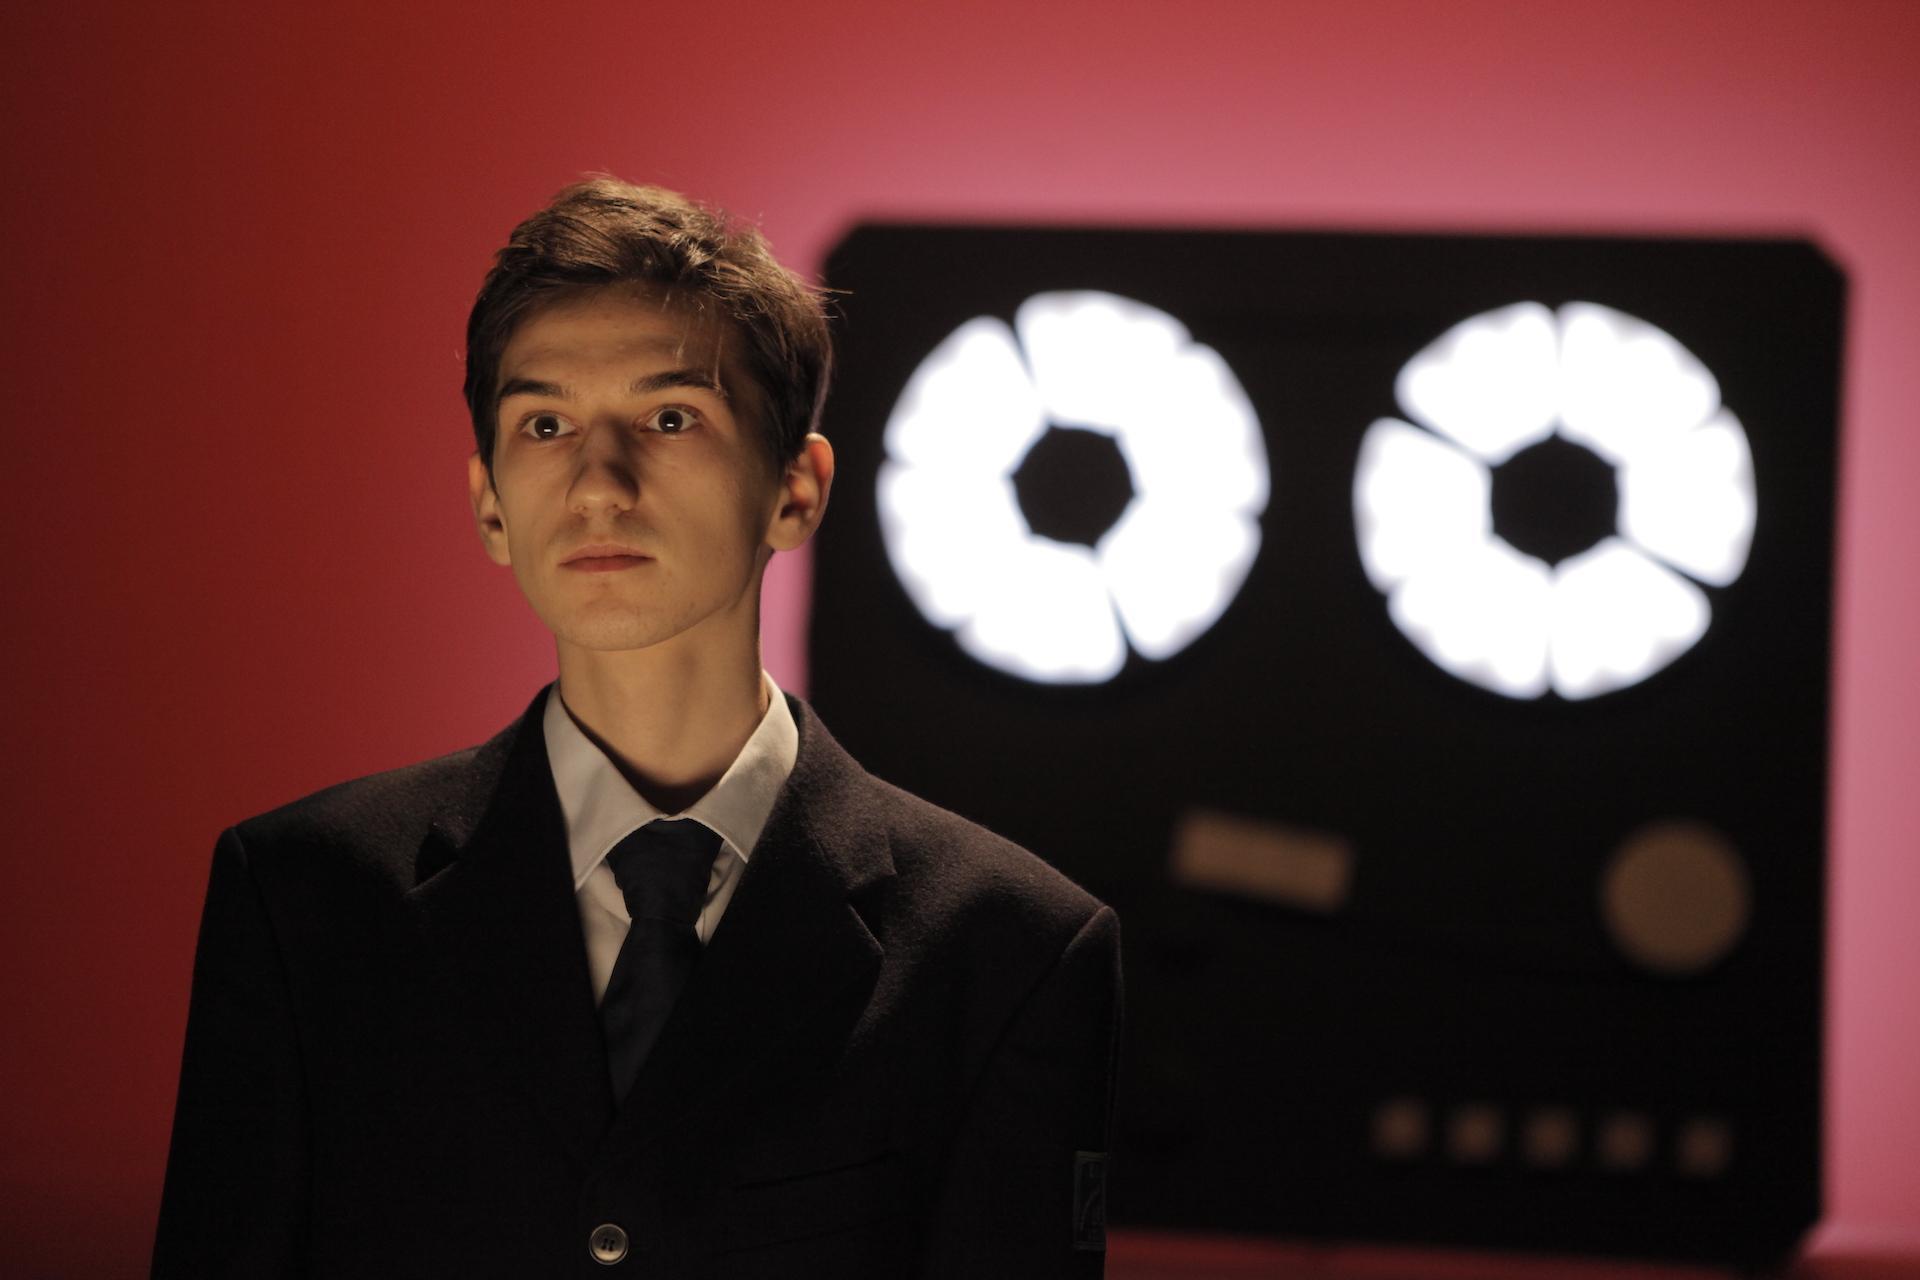 Premiera: Radu Jude, primul regizor român cu trei producții la Berlinale 2020